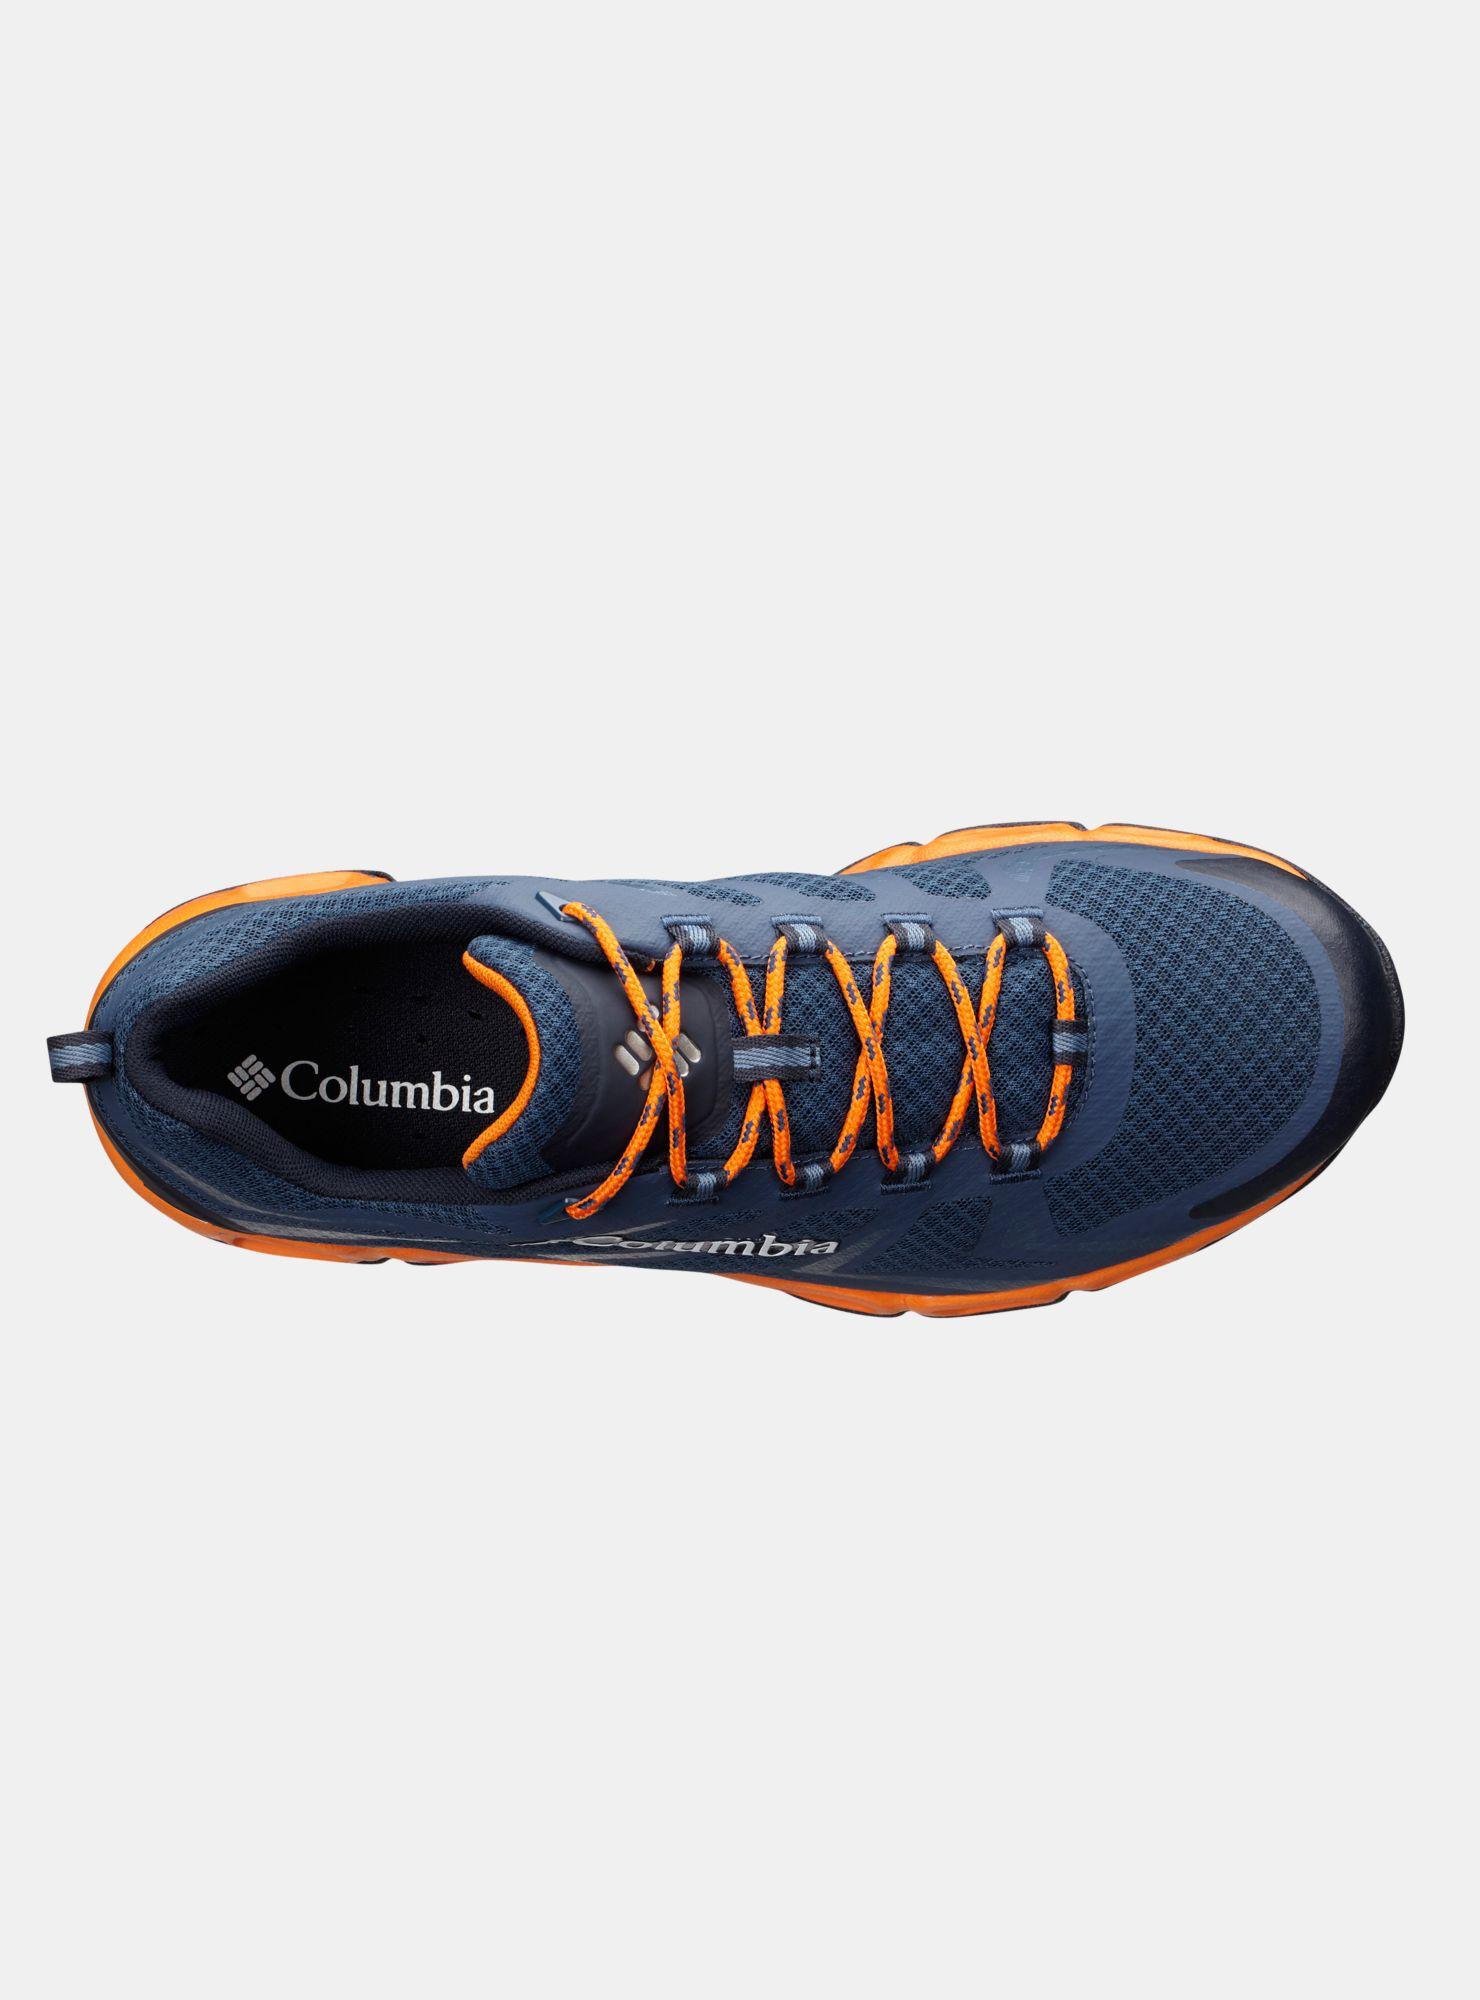 Columbia HombreParis En Outdoor Zapatos Zapatillas Nnmw80